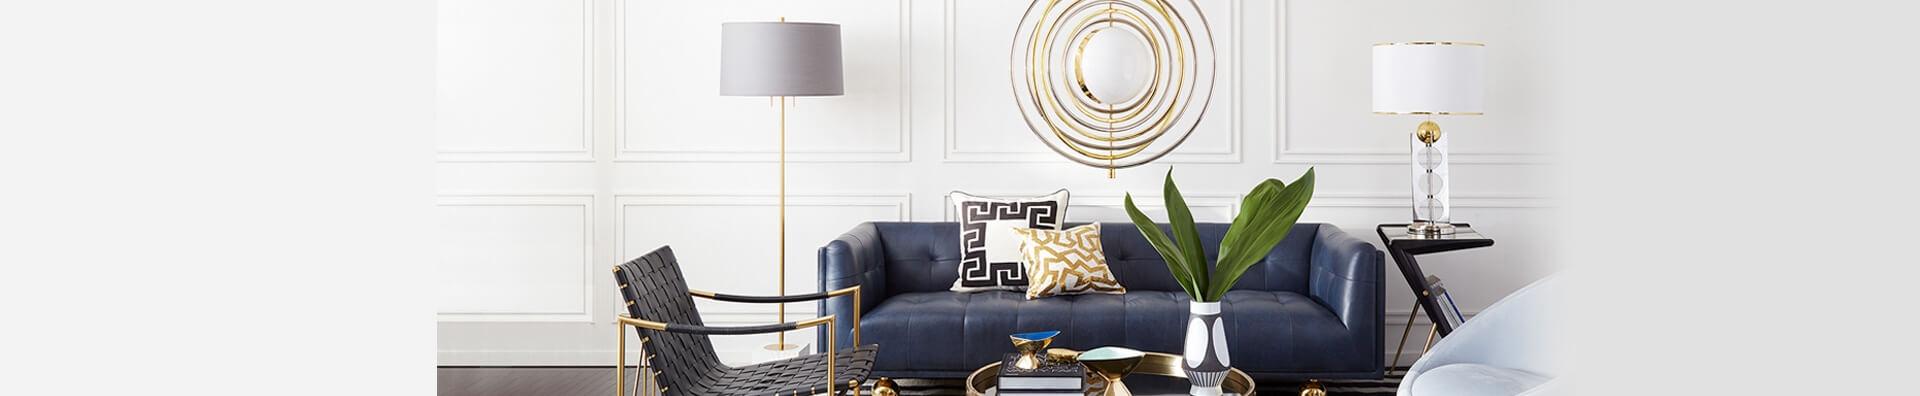 6种风格客厅背景墙设计